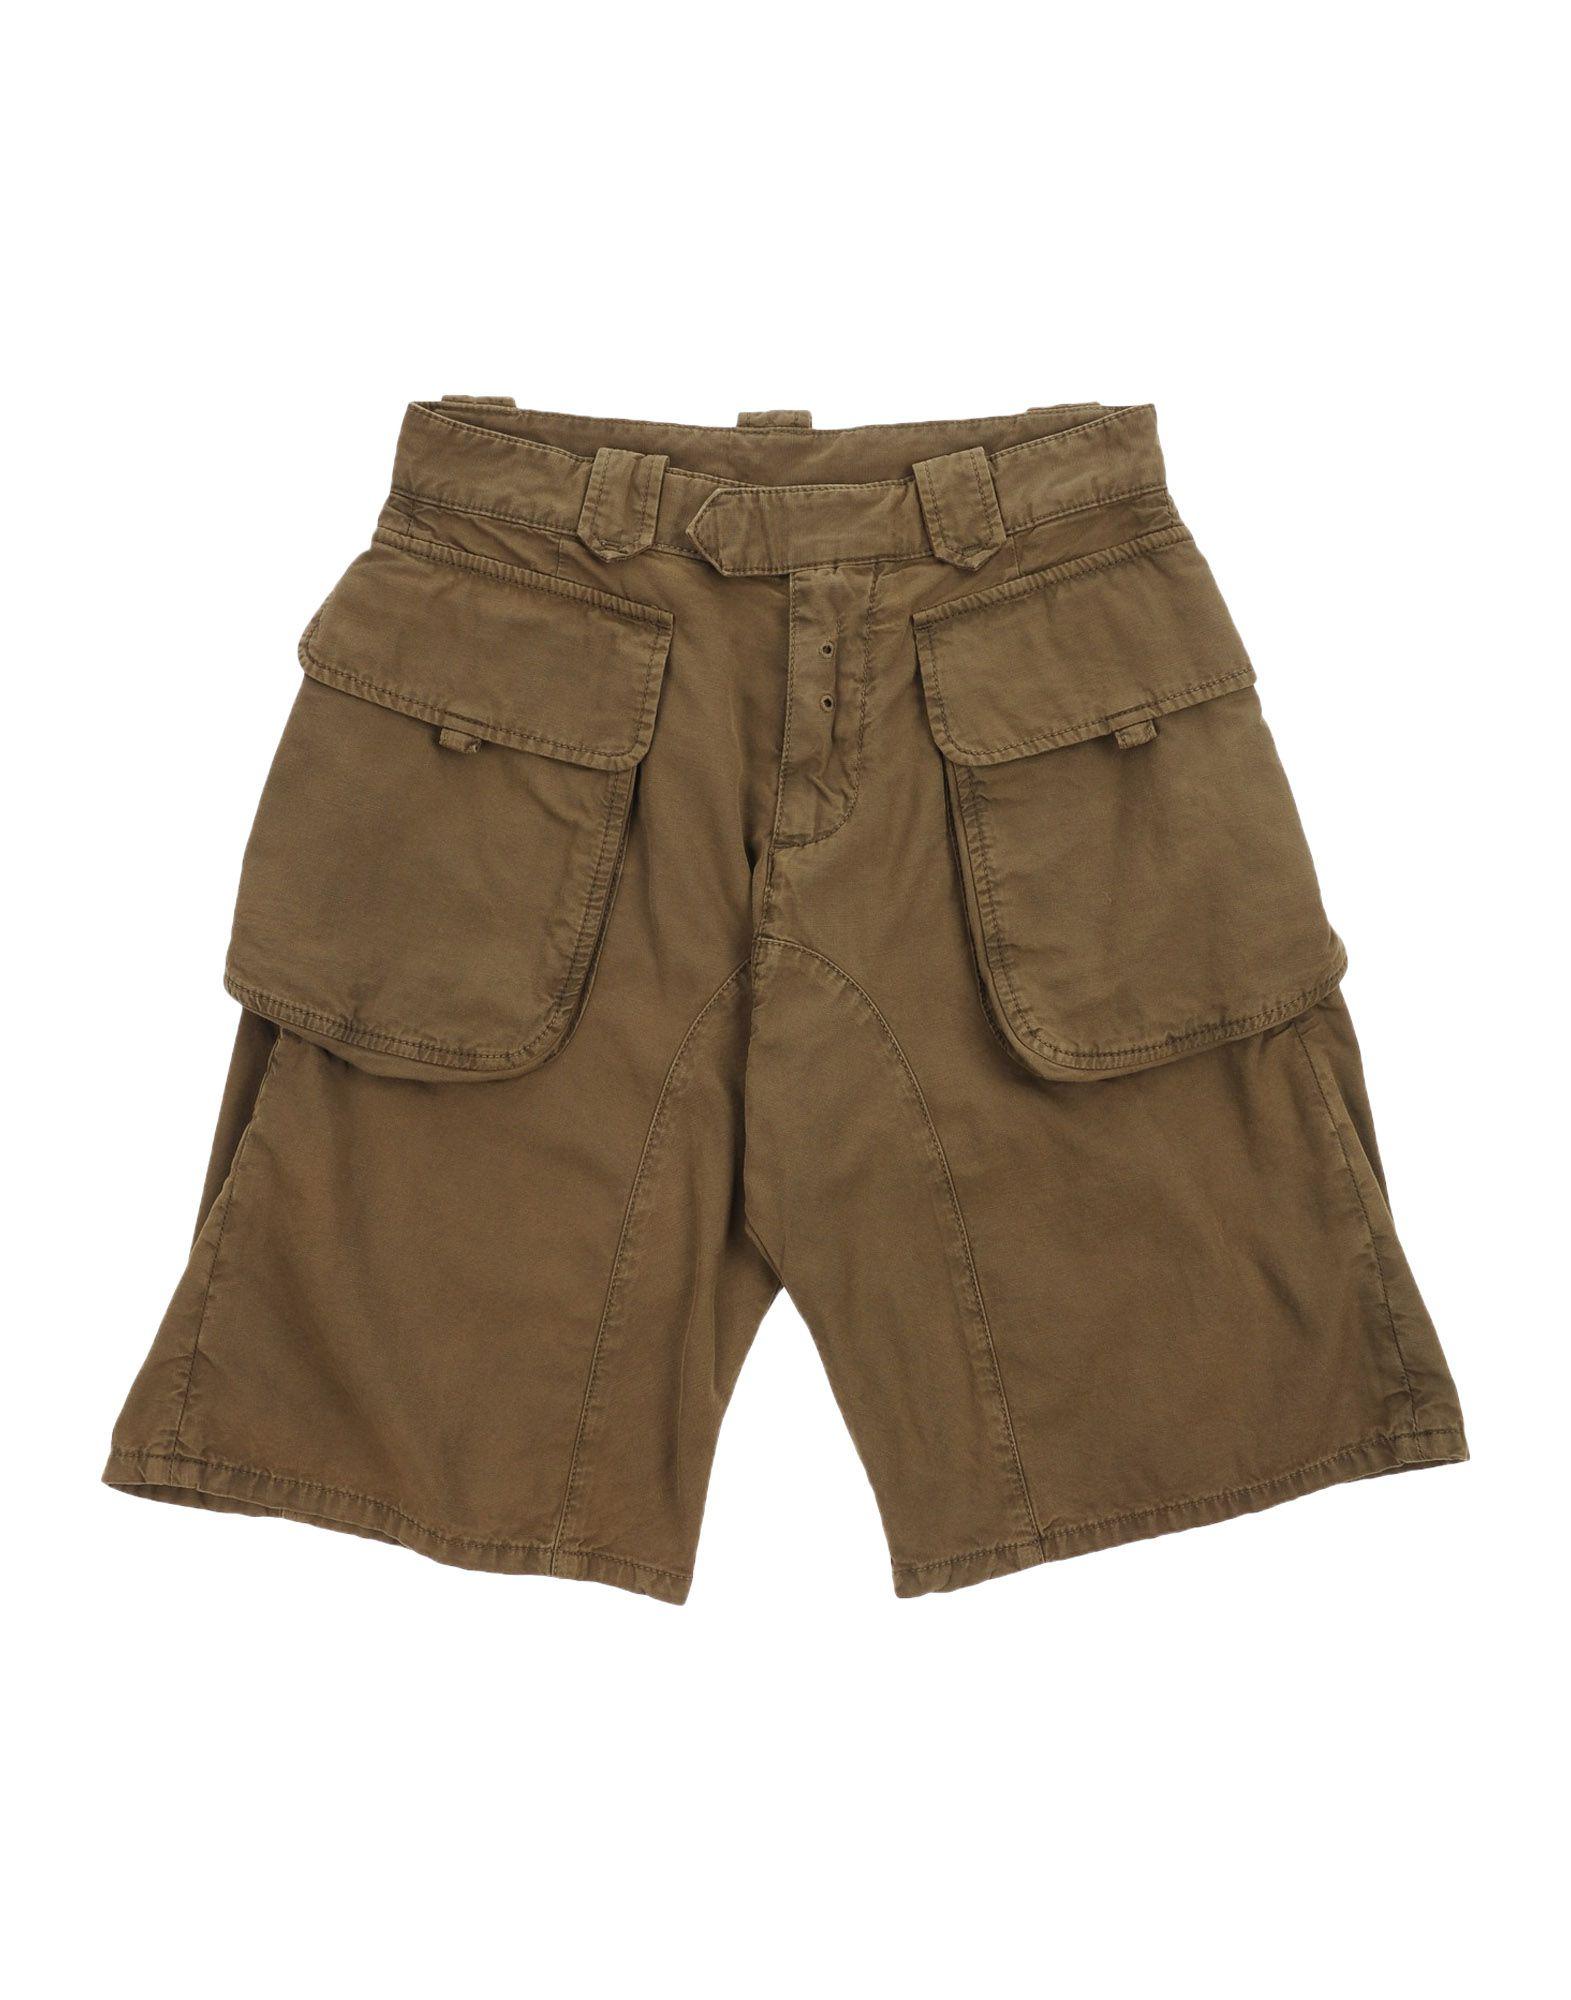 DSQUARED2 Jungen 3-8 jahre Bermudashorts Farbe Militärgrün Größe 4